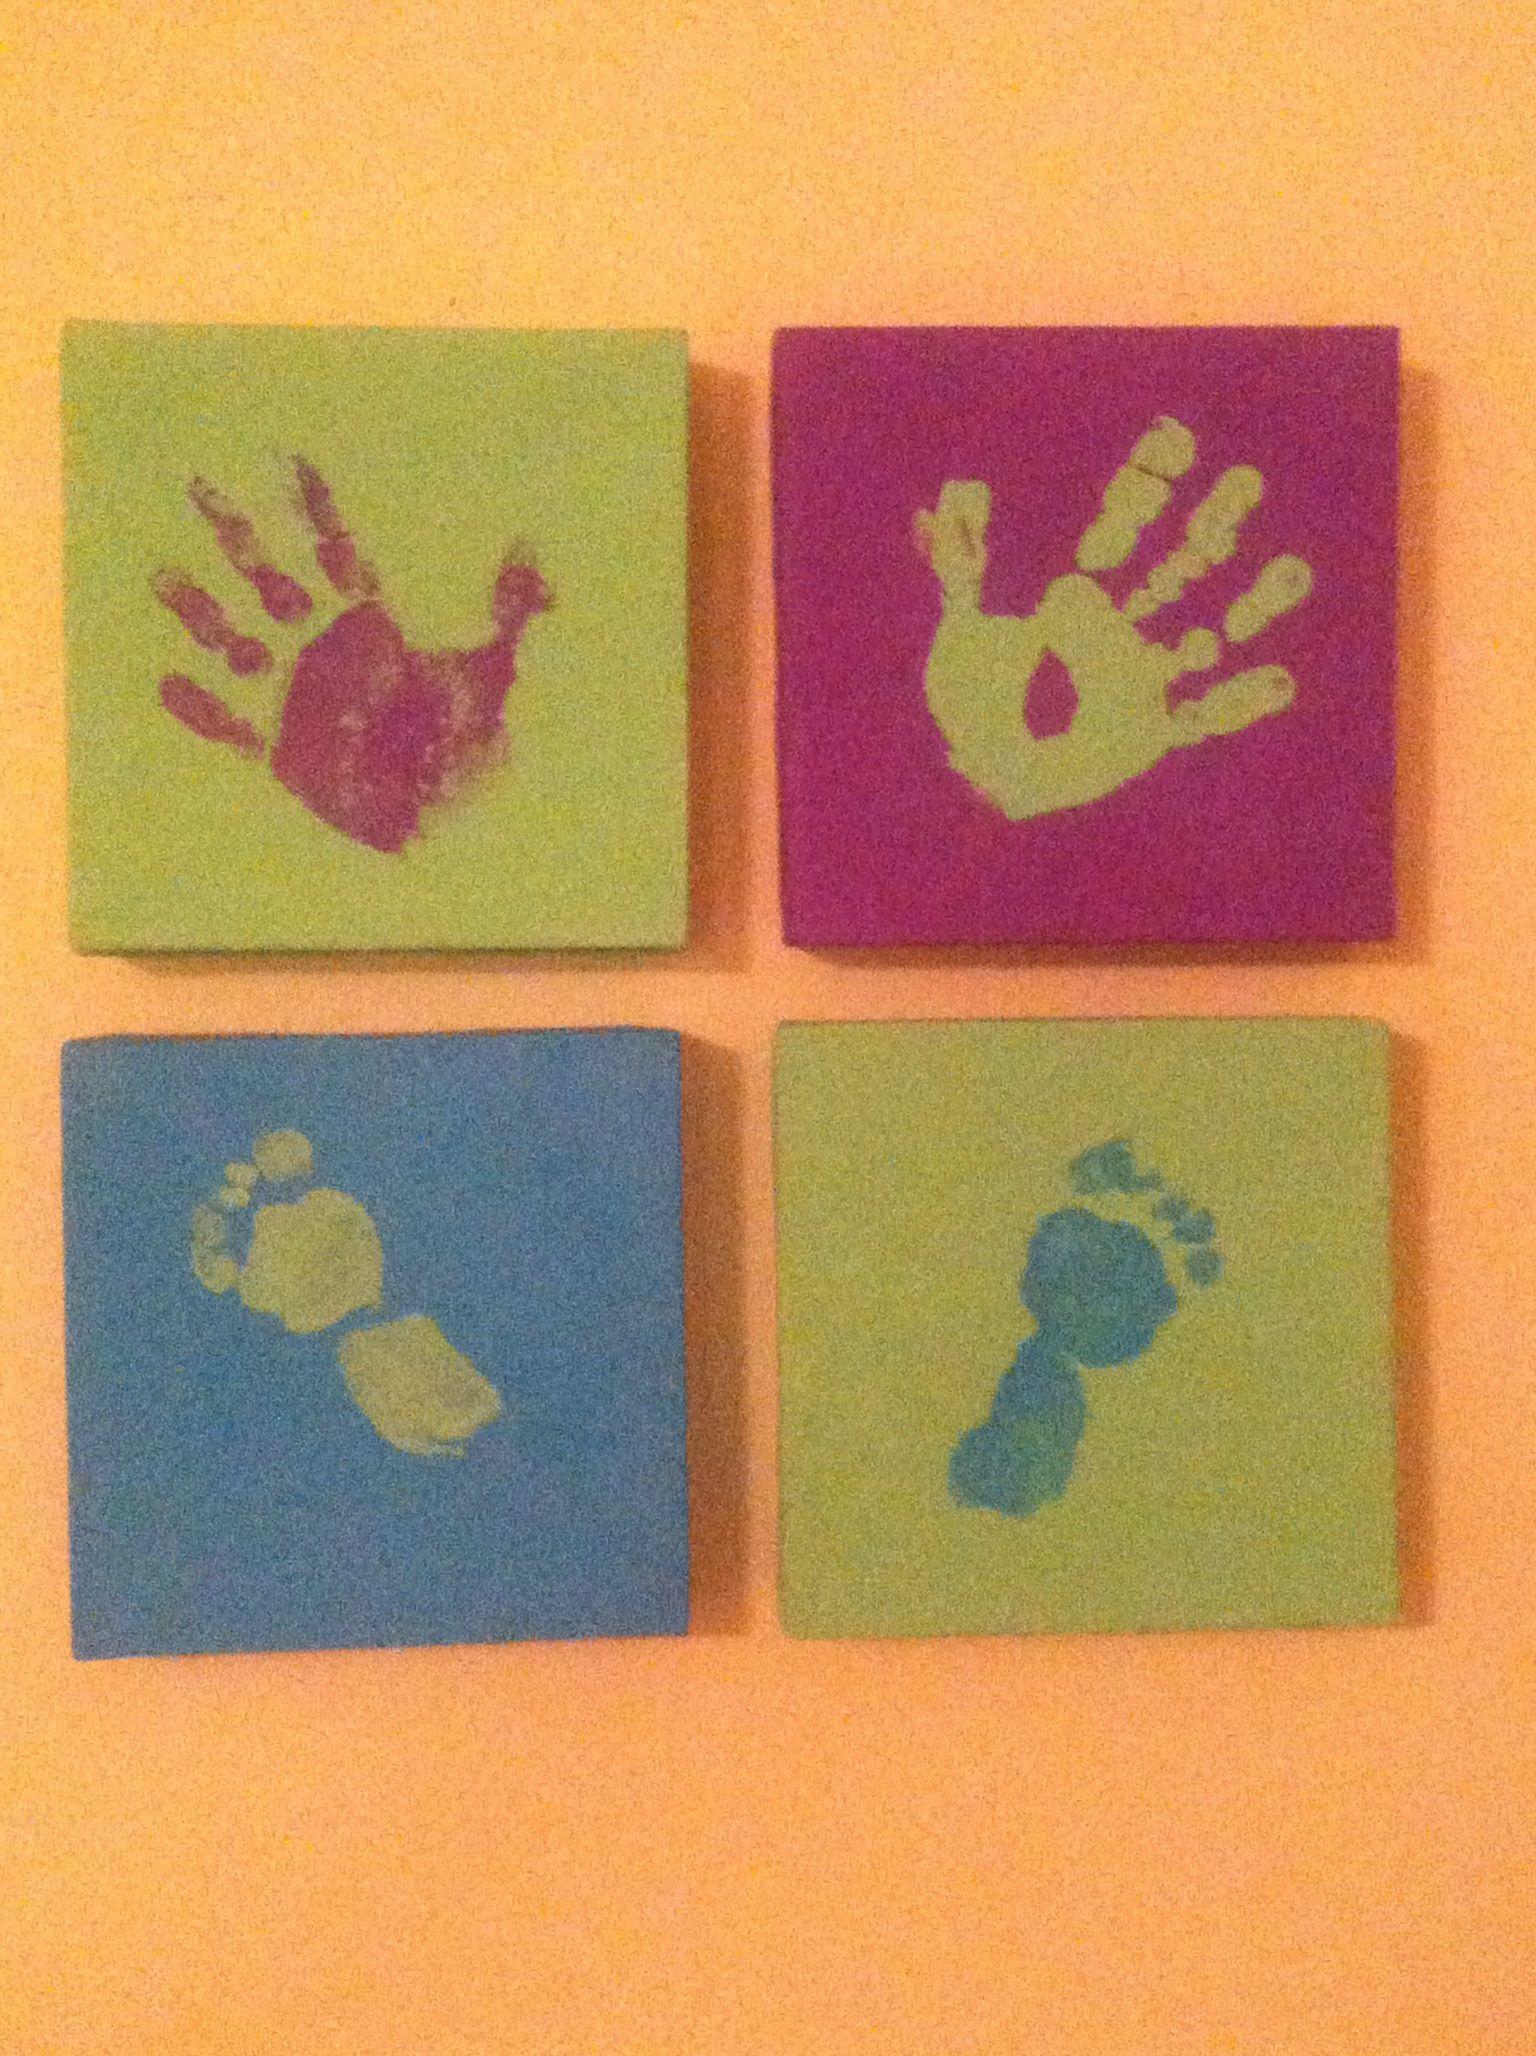 Handprint / footprint wall art | HOME | Pinterest | Footprint ...